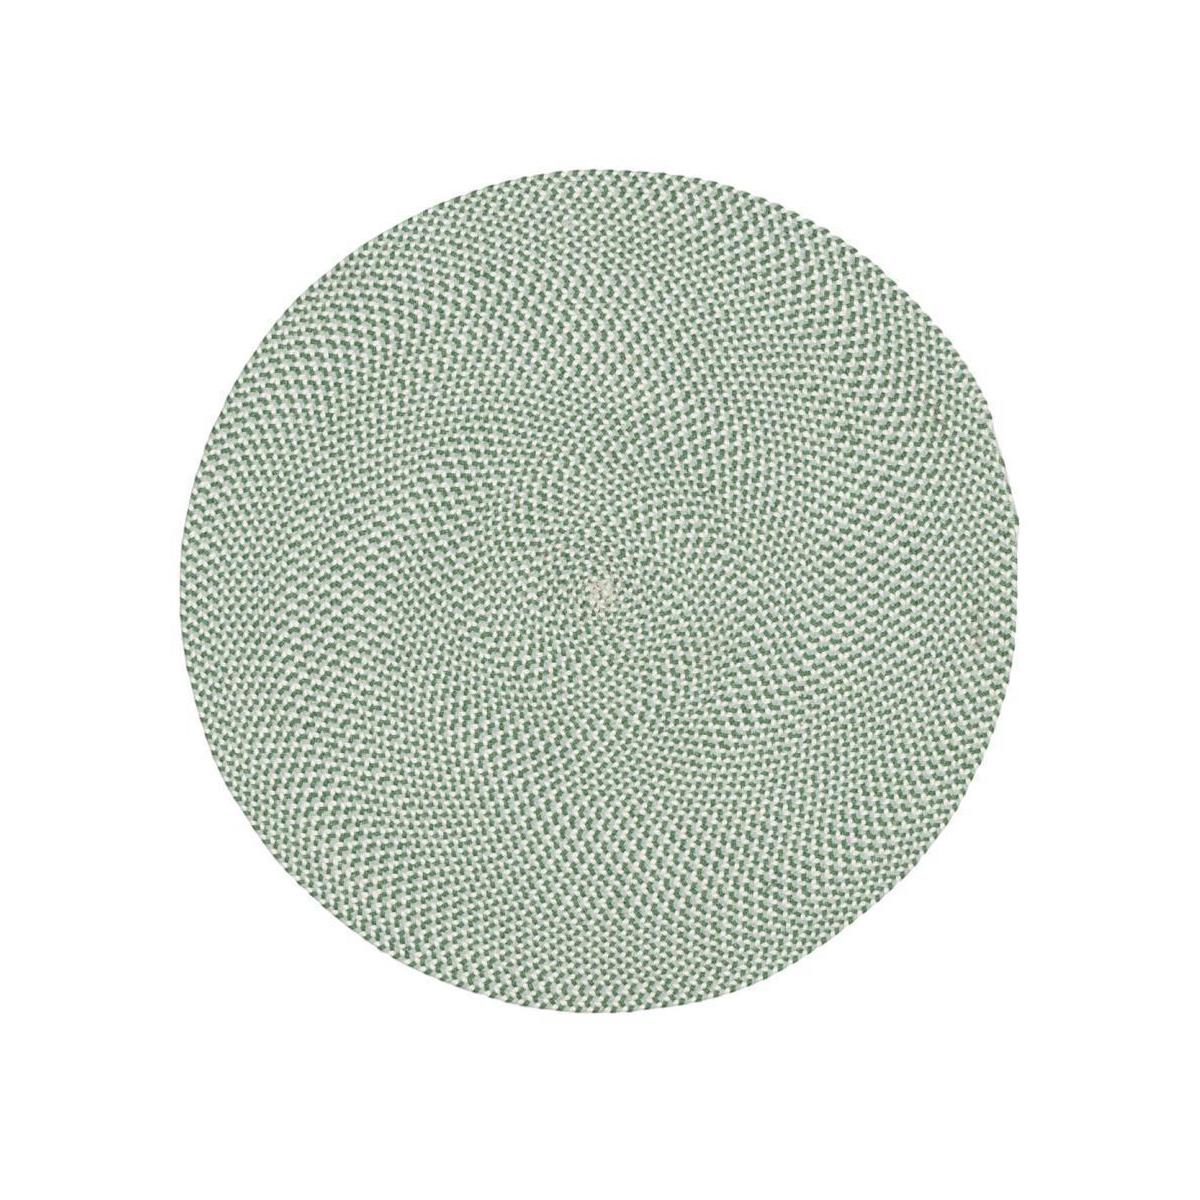 Tapis rond en tissu recyclé (Vert)